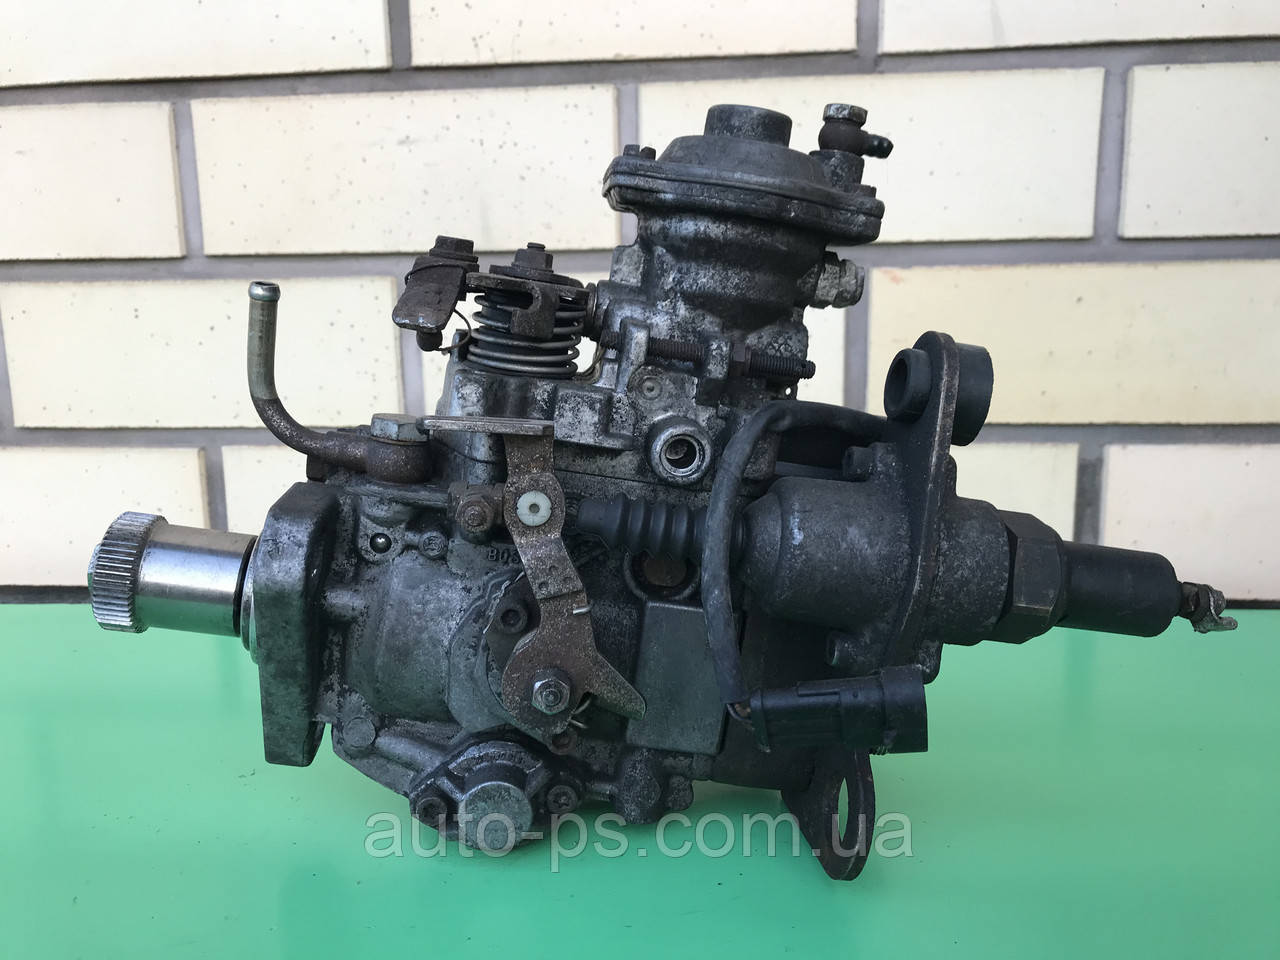 Паливний насос високого тиску (ТНВД) Fiat Ducato 2.5 TDI 1994-2002 рік